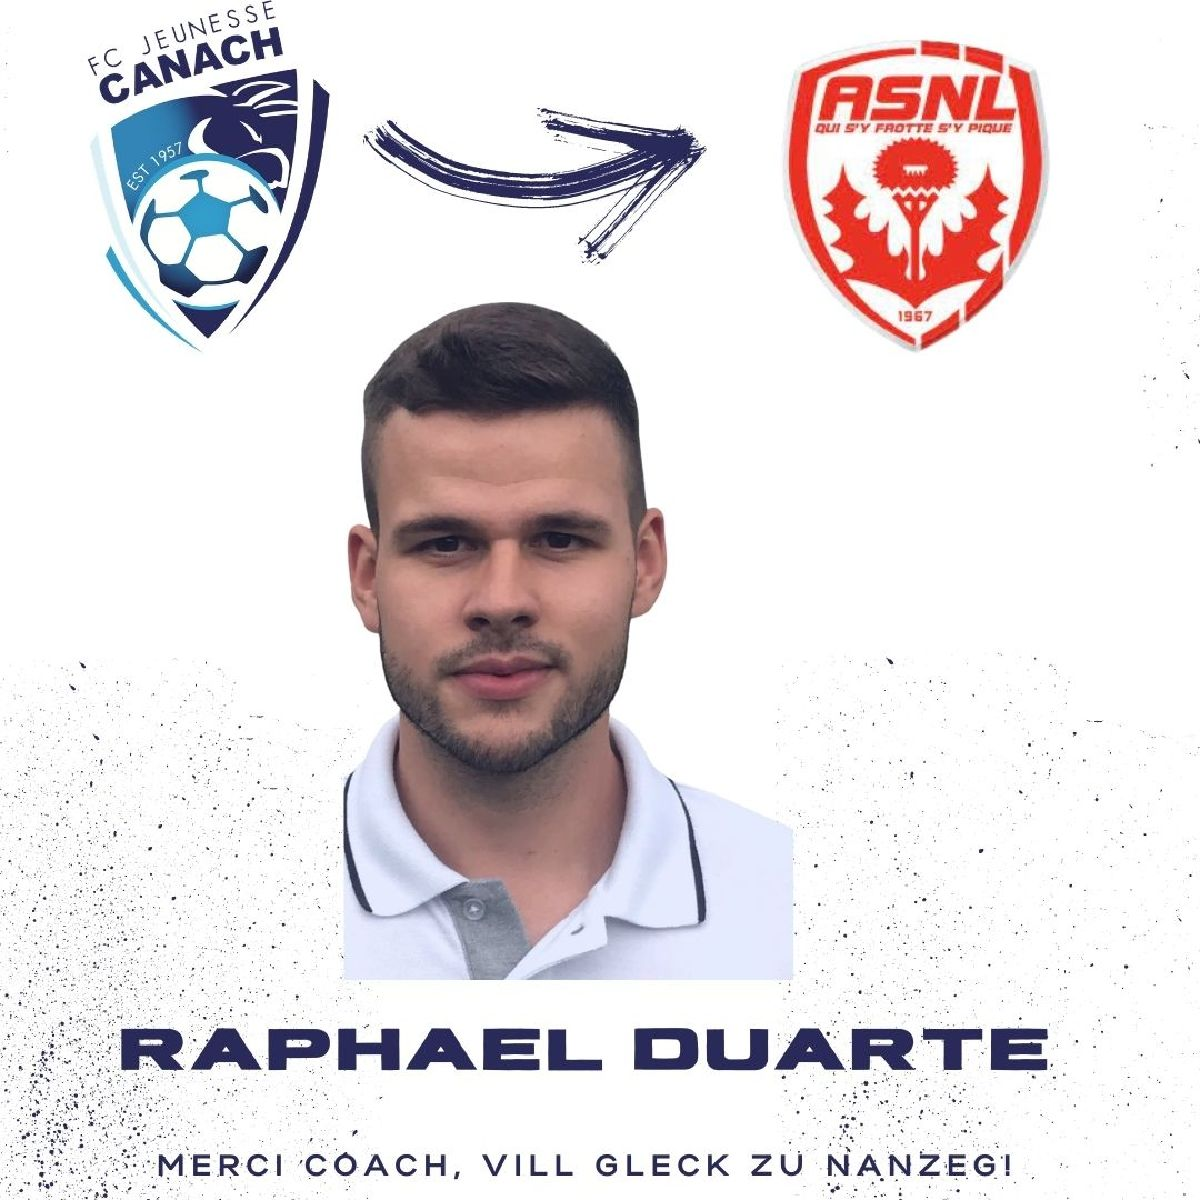 Raphael Duarte quitte Canach